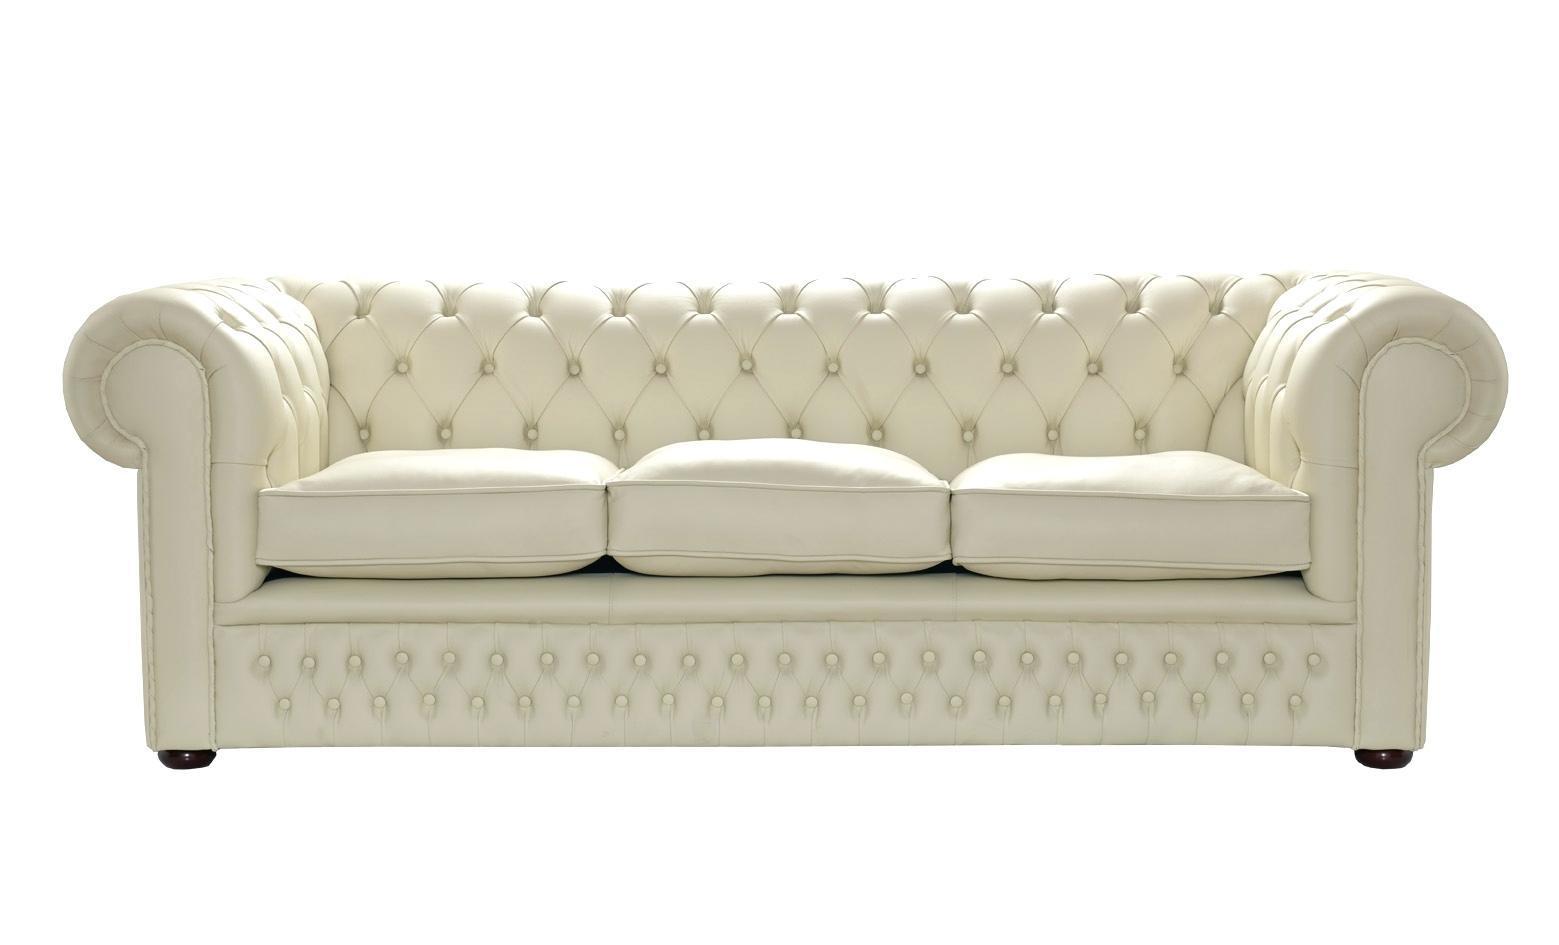 Sofas Center : Cream Colored Sofa Tables Sofas End Tablescream And With Regard To Cream Colored Sofas (View 11 of 20)